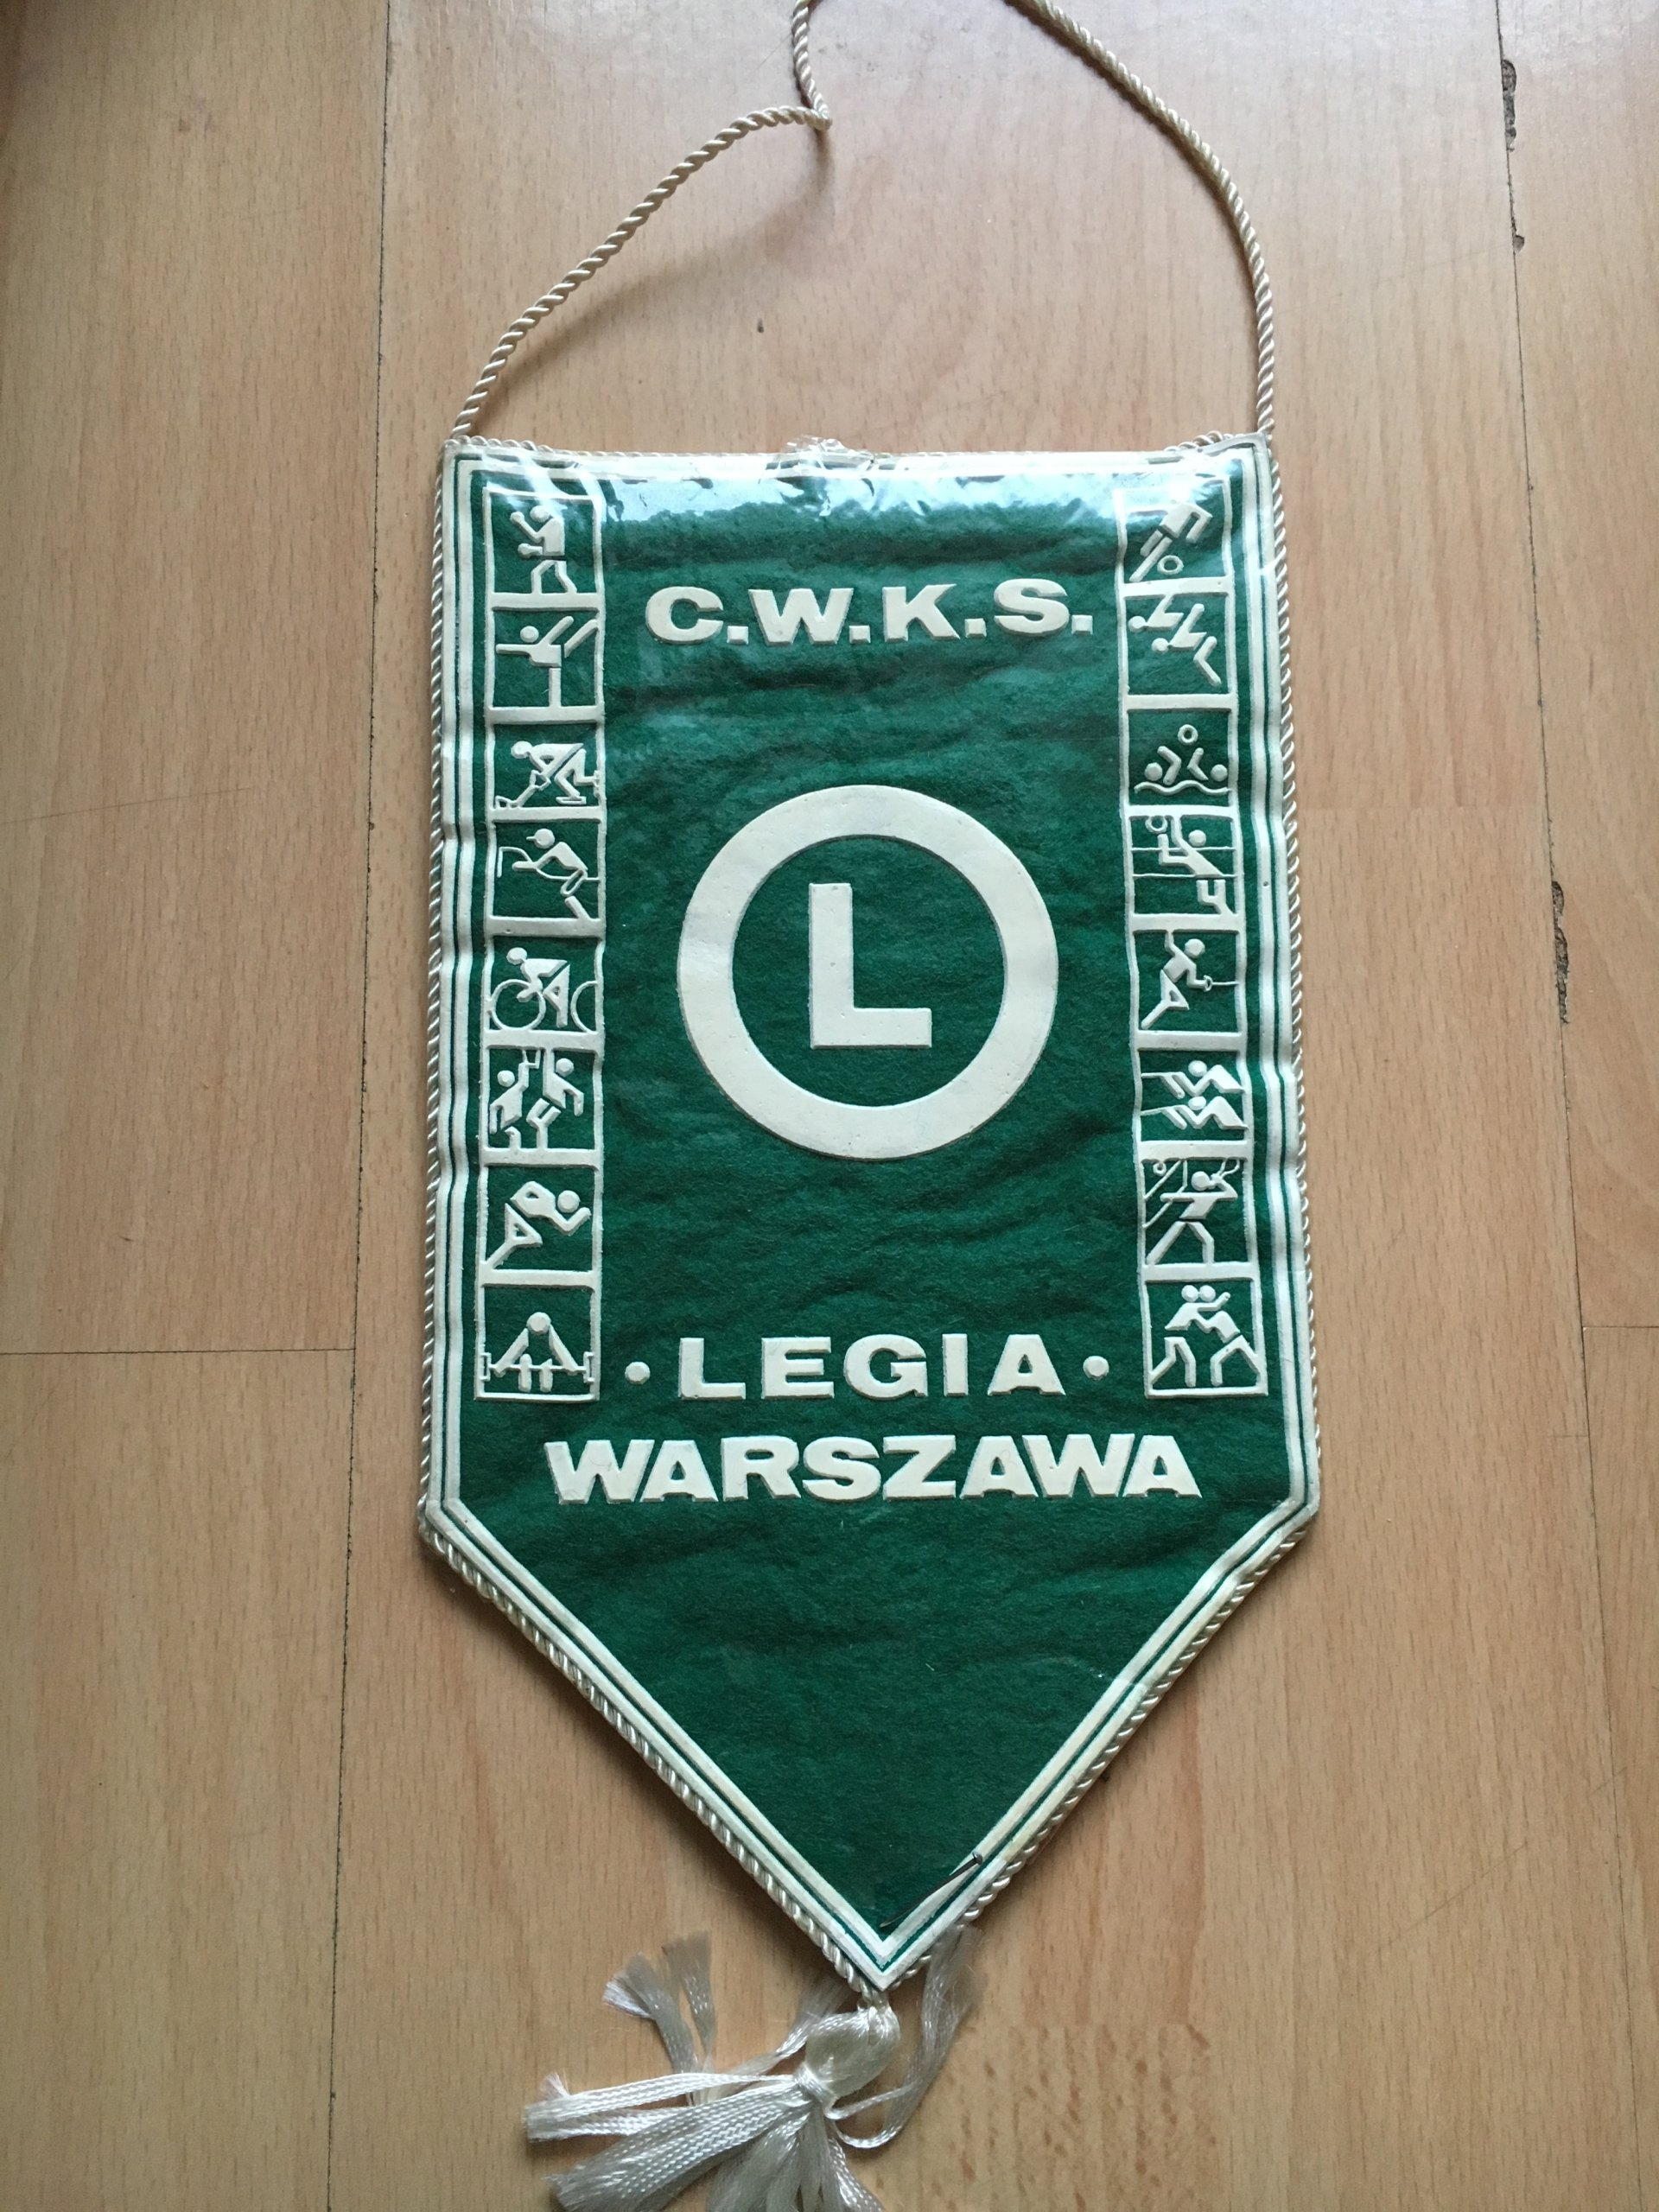 a589f0f86 CWKS LEGIA WARSZAWA PROPORCZYK - 7126482879 - oficjalne archiwum allegro